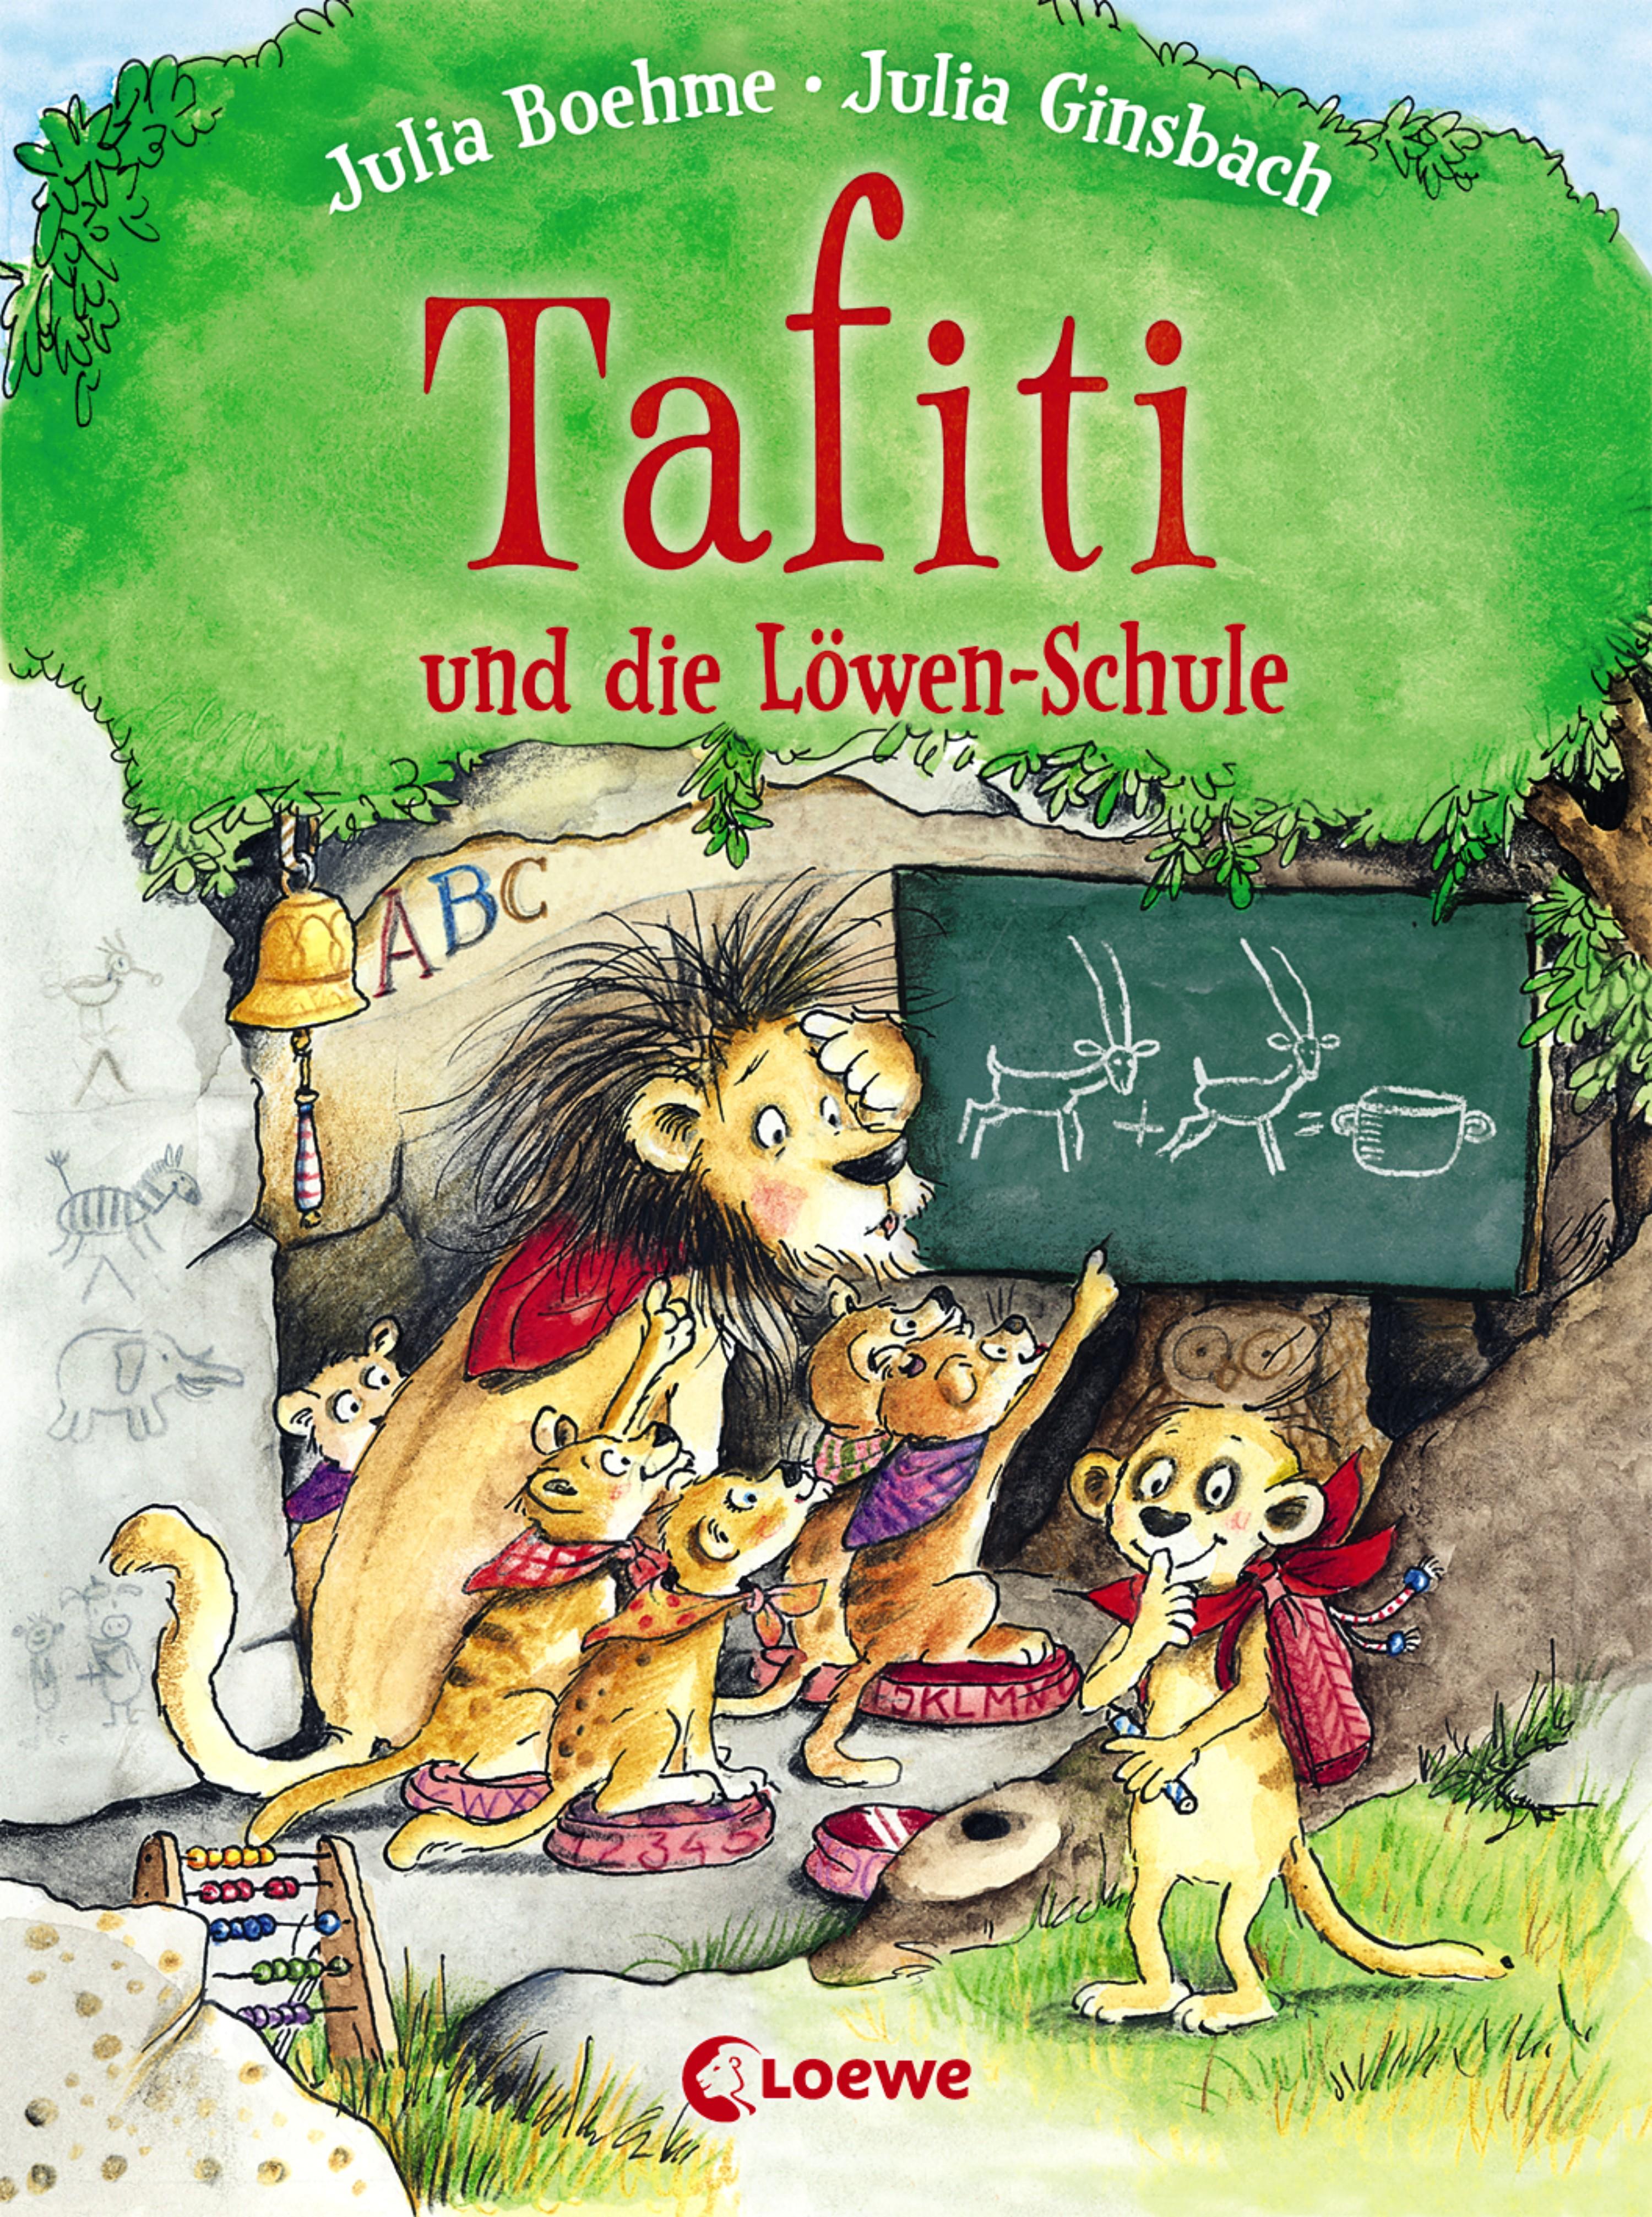 Julia Boehme Tafiti und die Löwen-Schule